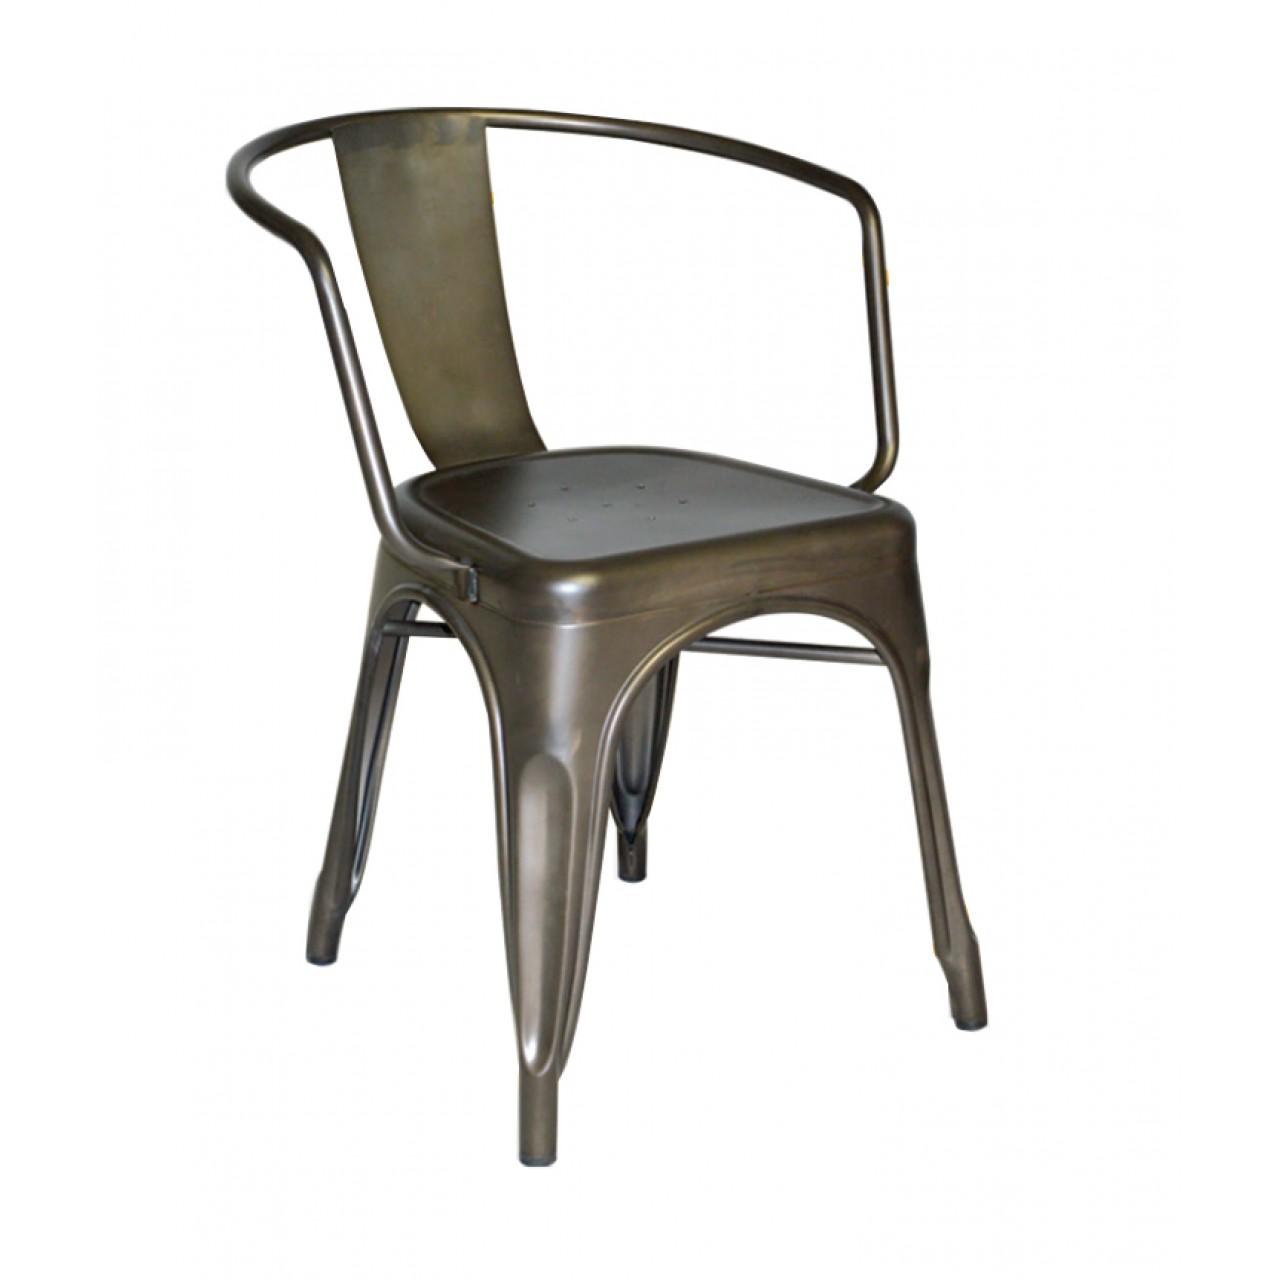 Καρέκλα Industrial Rusty Ξενοδοχειακά / Επαγγελματικά